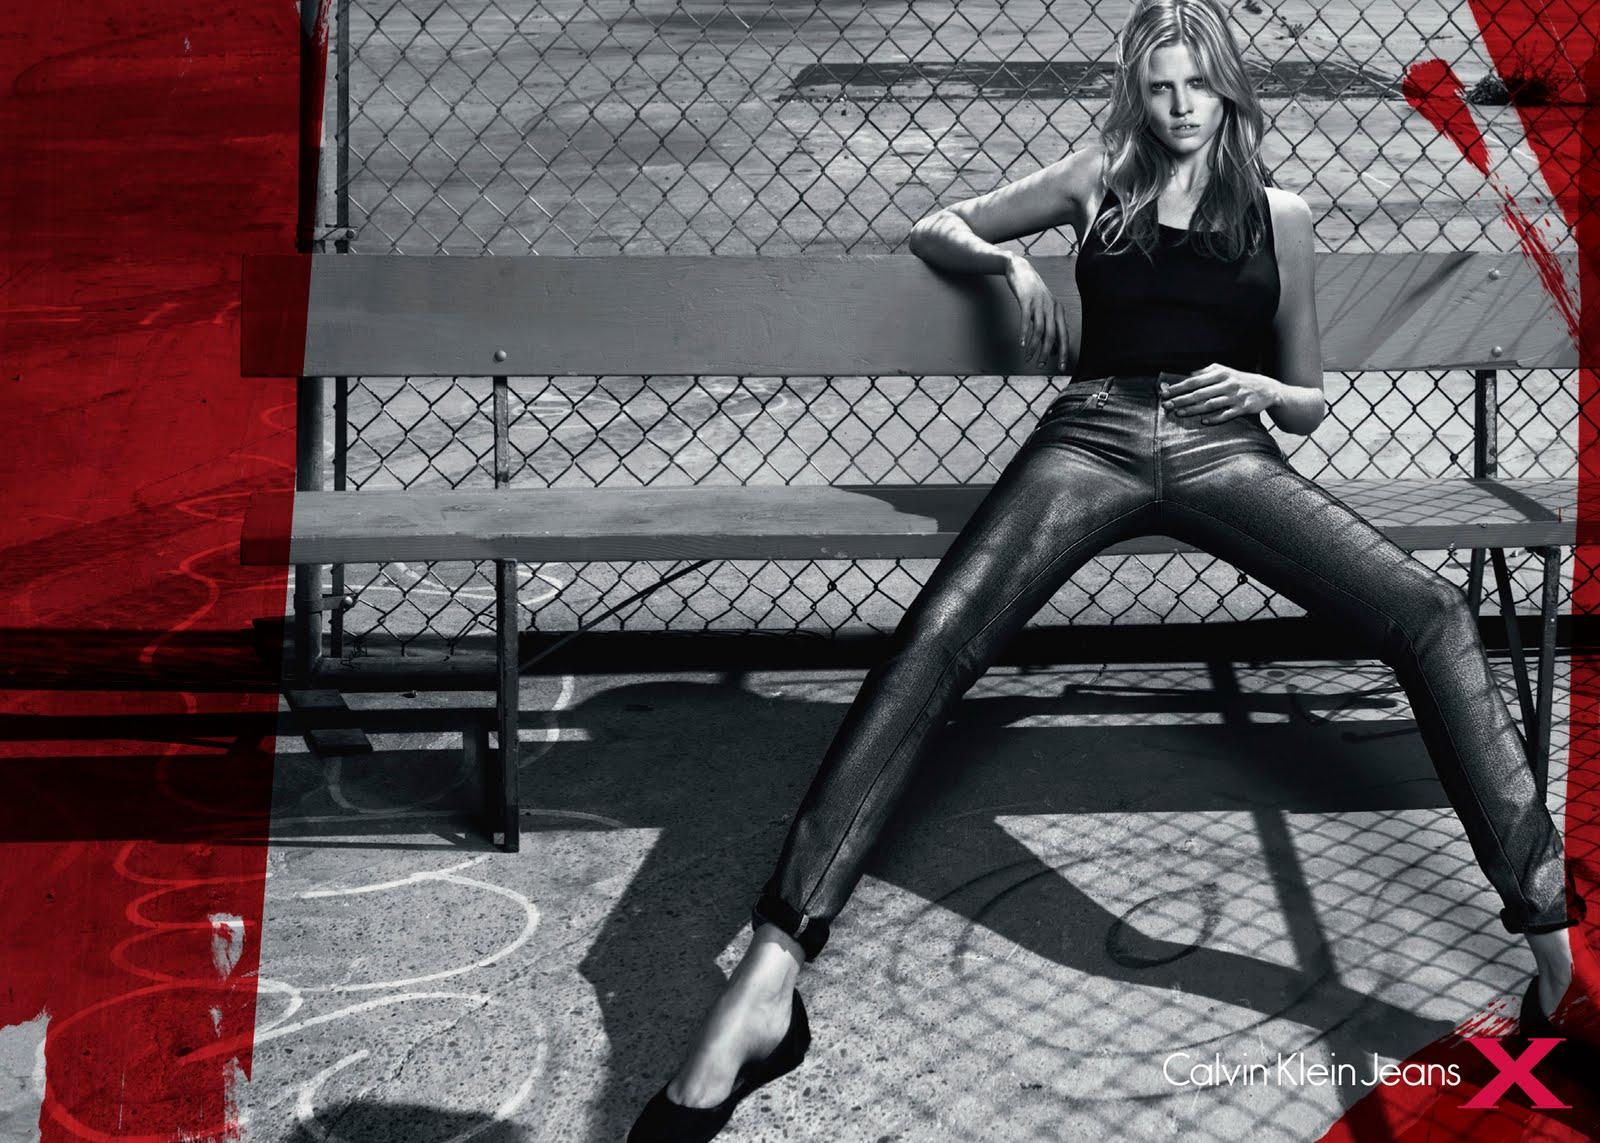 http://2.bp.blogspot.com/_WKwMG_SekHA/TBB9dTDKqII/AAAAAAAAB5U/iI7lzrPM0SY/s1600/calvin-klein-jeans-f10-w_ph_mert-alas%2Bmarcus-piggott-1.jpg